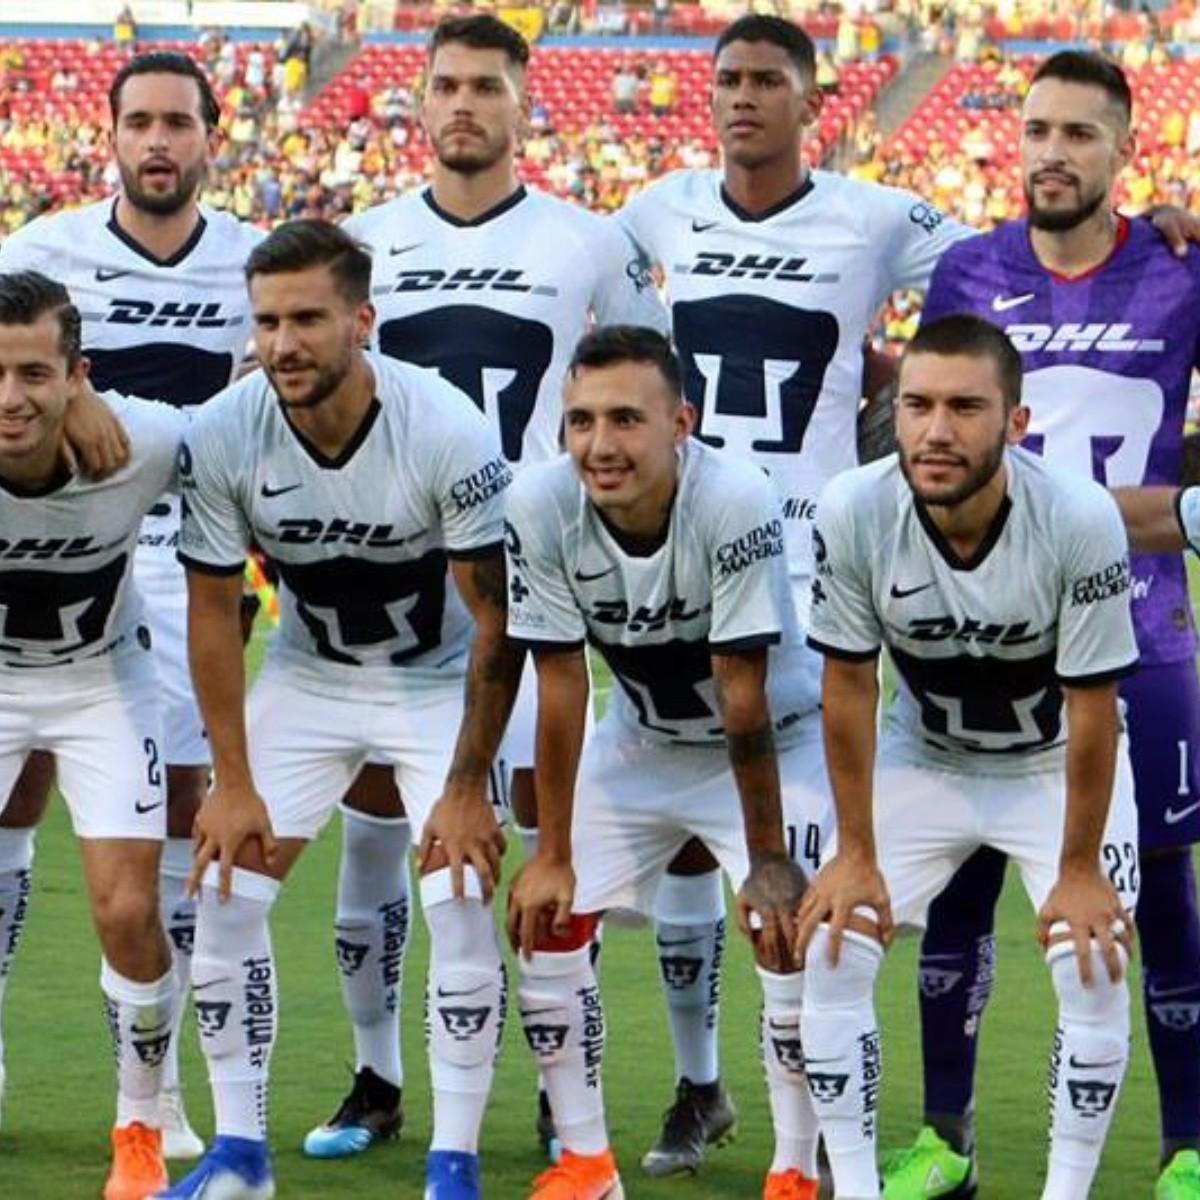 simpatía válvula España  Los nuevos dorsales de Pumas UNAM para el Torneo de Apertura 2019 | Dale  Pumas